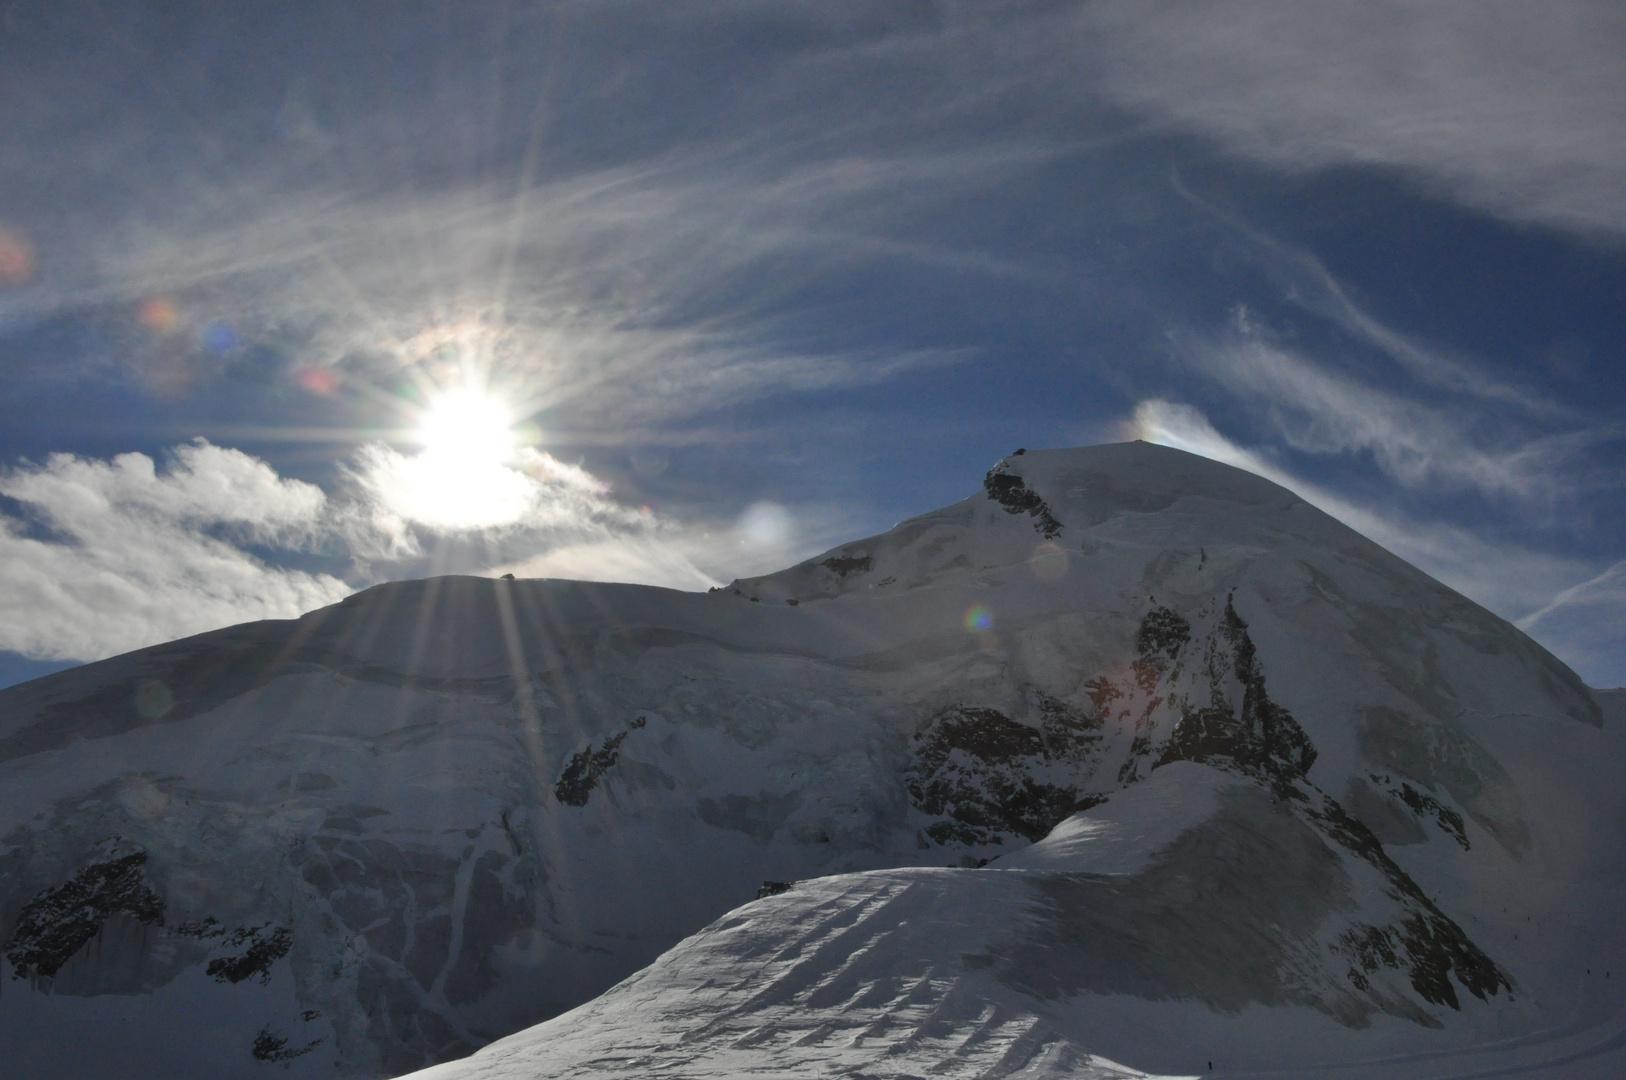 Quand montagnes et nuages ondoient dans le soleil